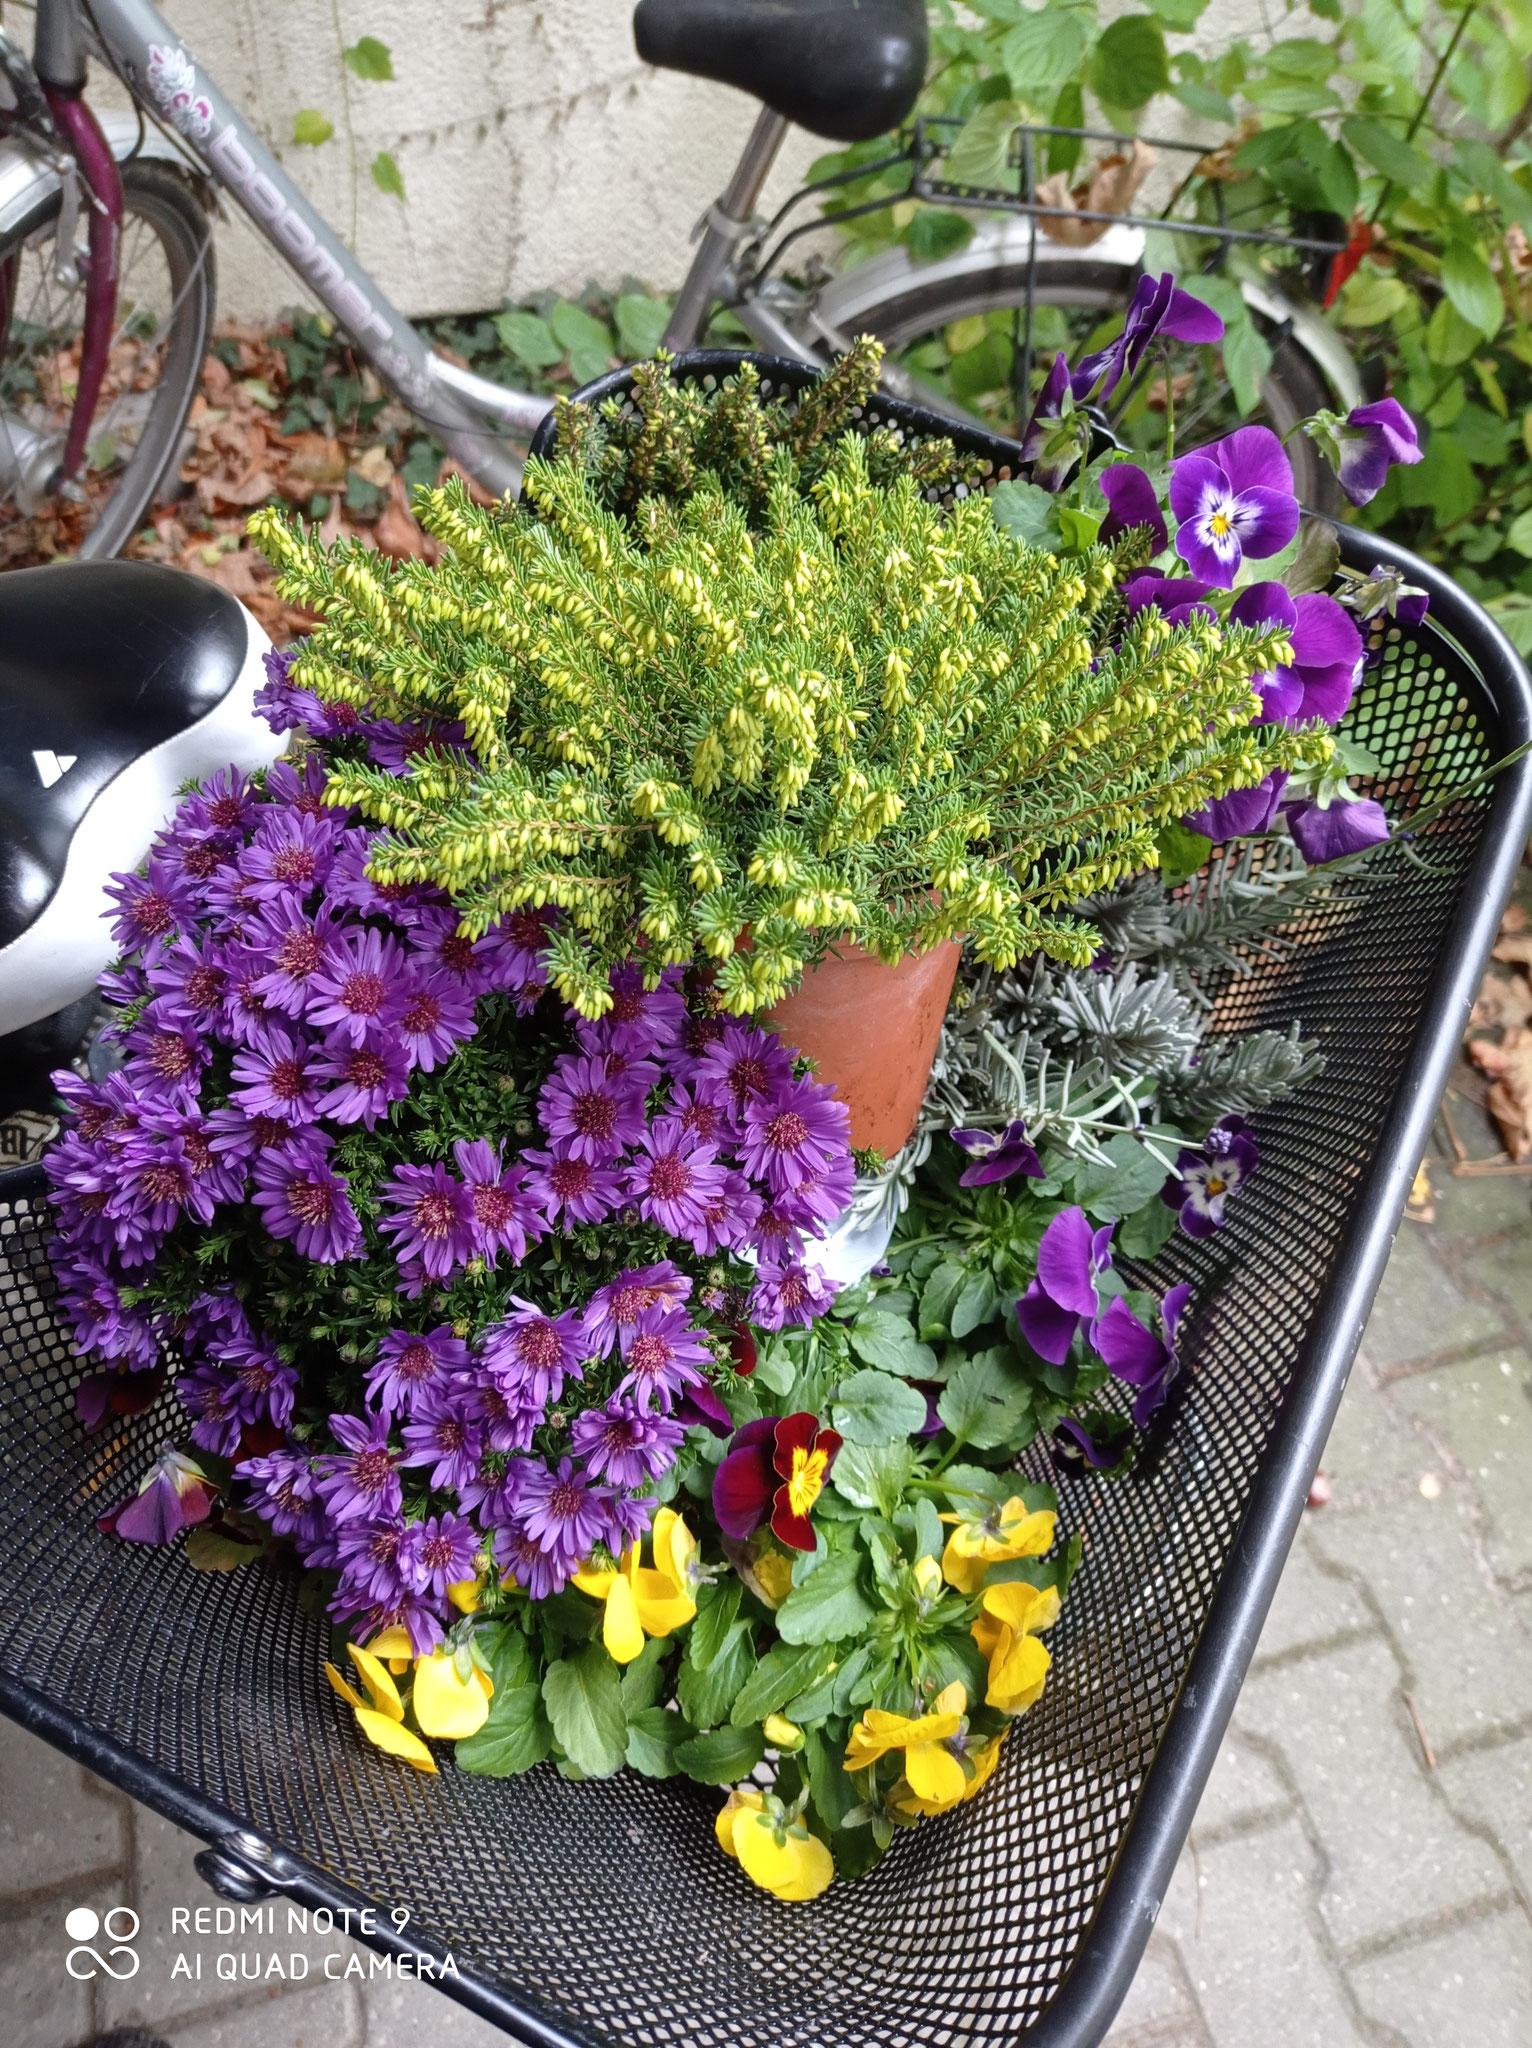 Ein Fahrrad-Korb voller Blumen :D